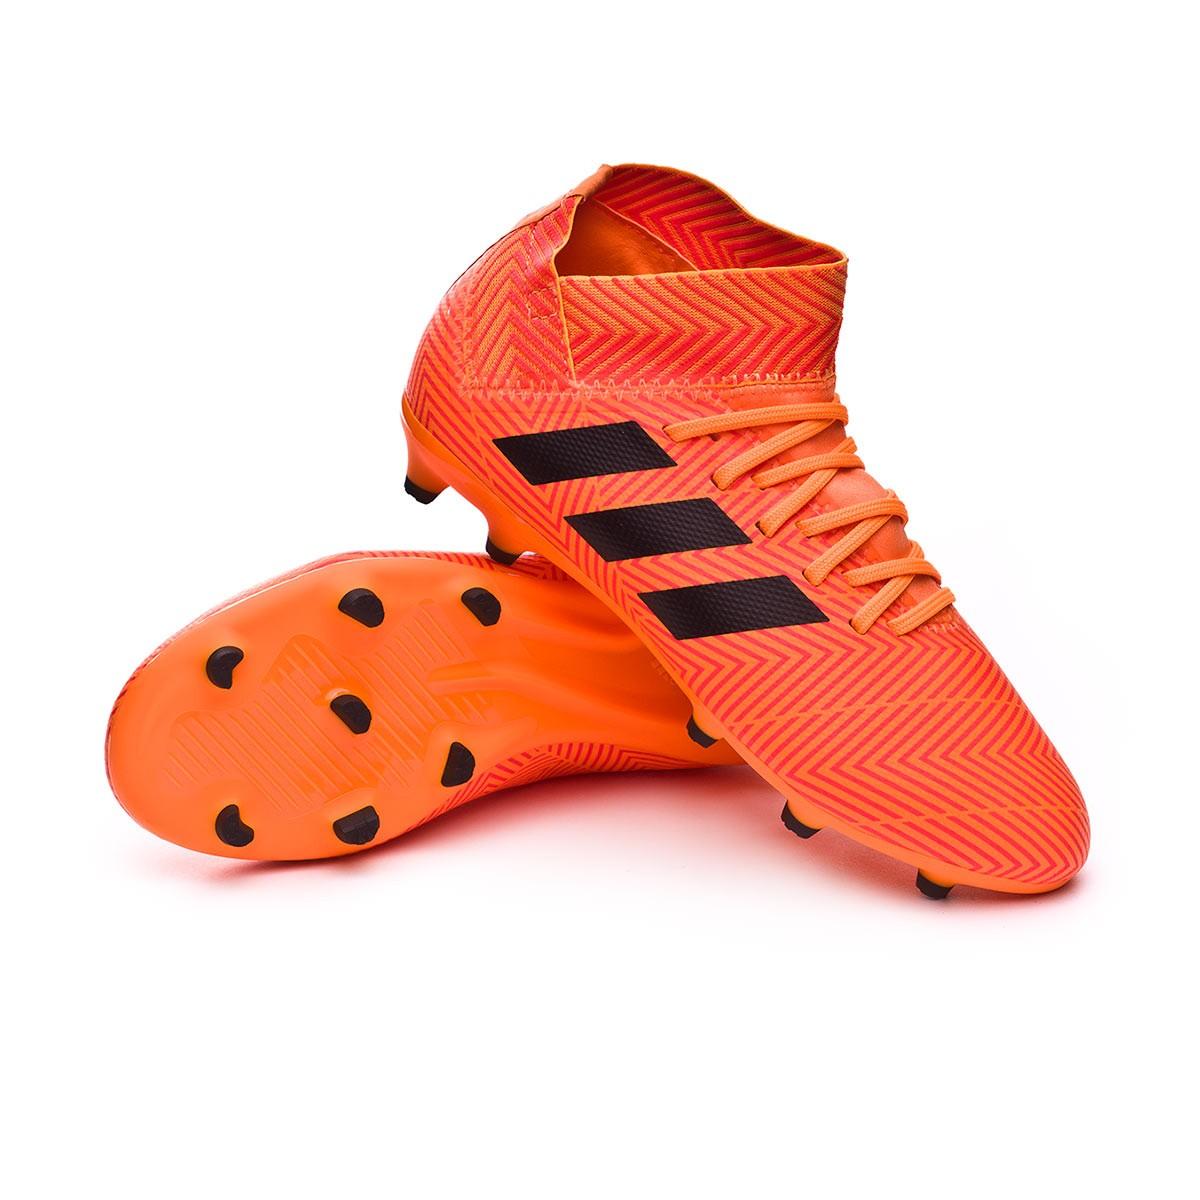 371a55b860963 Football Boots adidas Kids Nemeziz 18.3 FG Zest-Black-Solar red ...